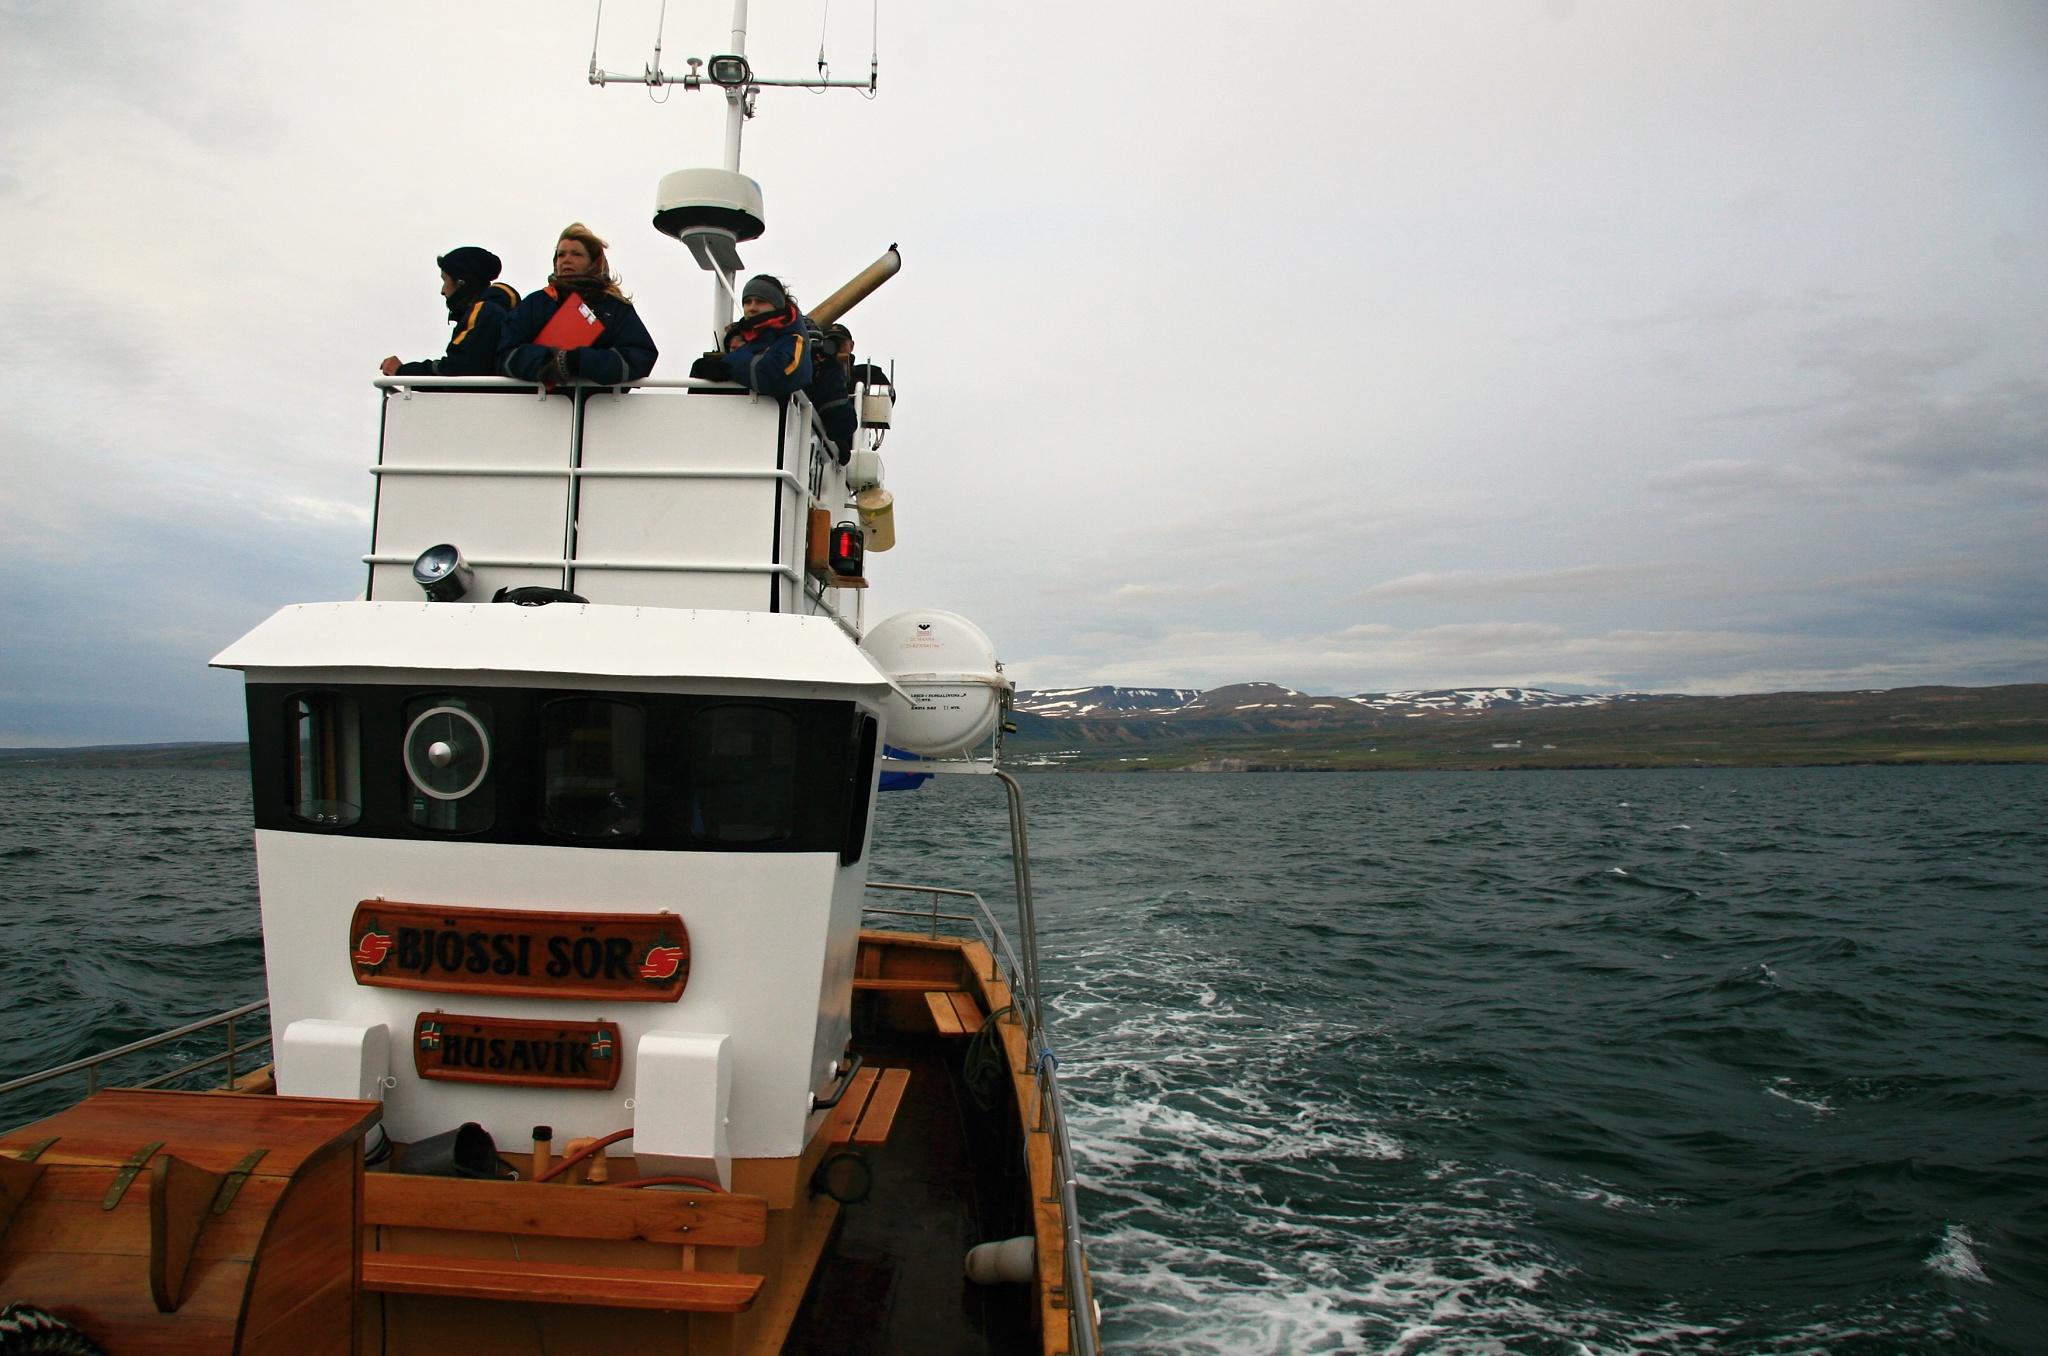 Kapitánský můstek na lodi Bjössi Sör